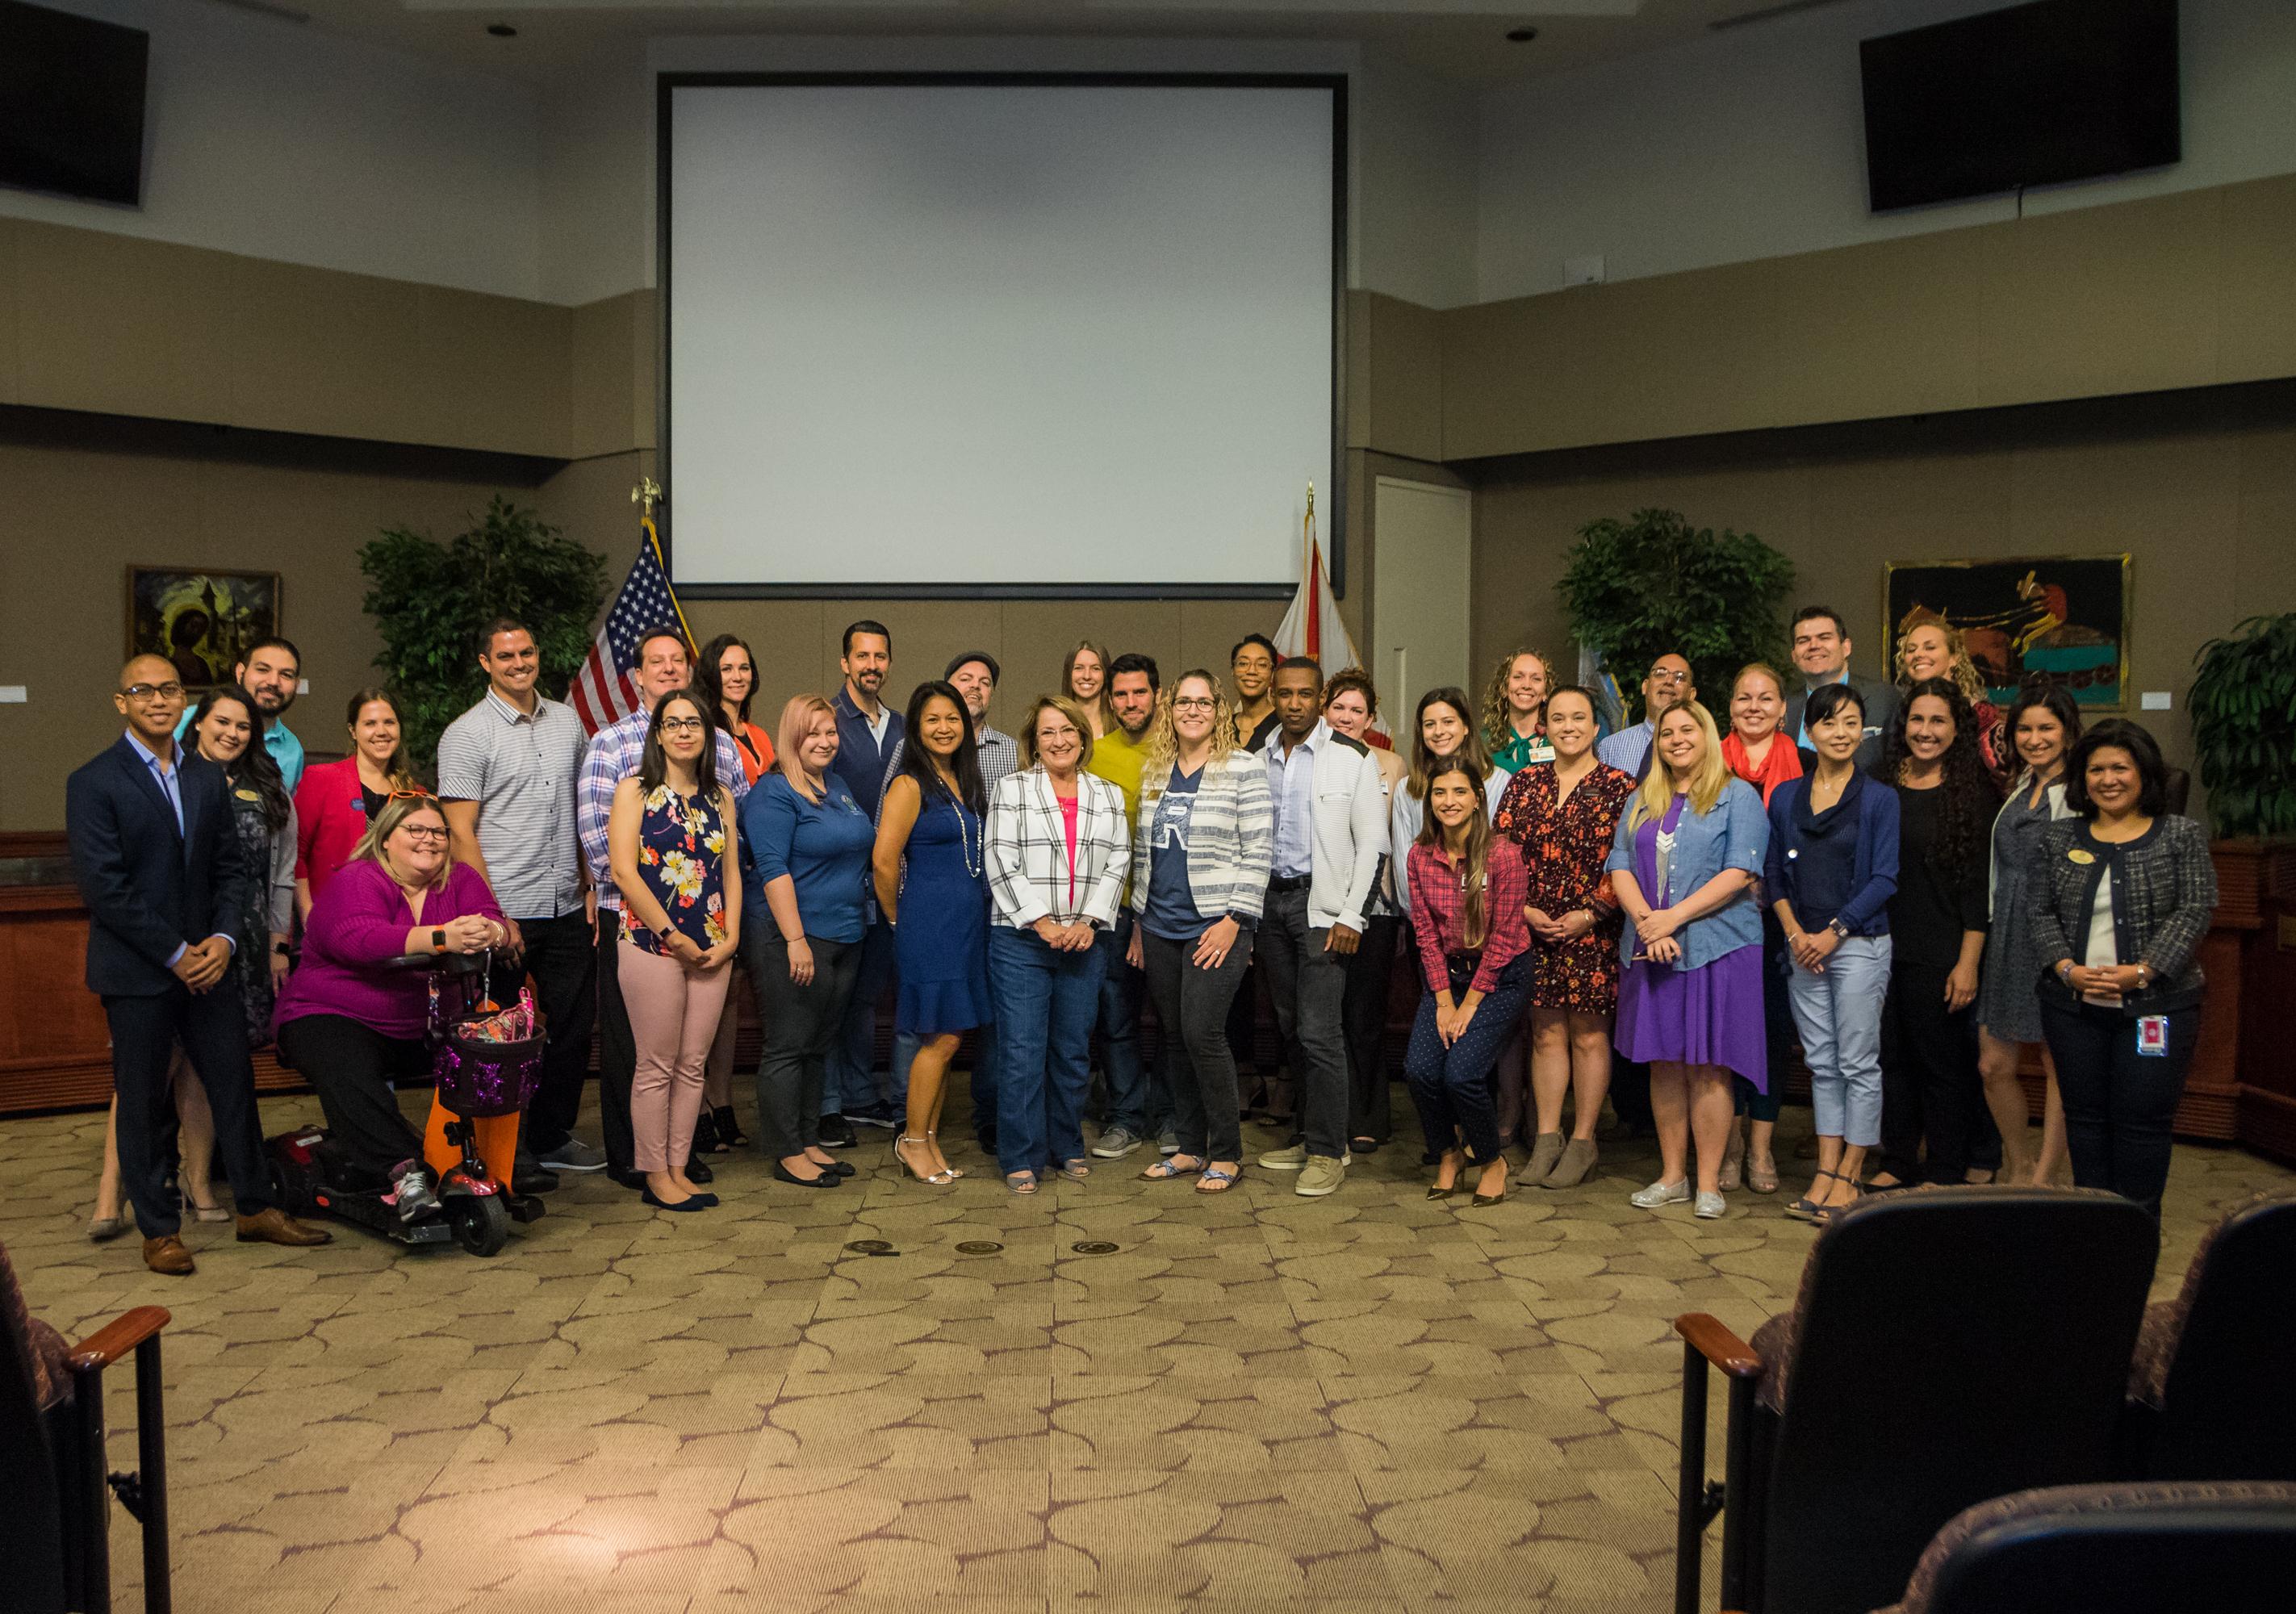 Grupo de alrededor de 30 personas en las Cámaras de la Junta de Comisiones del Condado de Orange